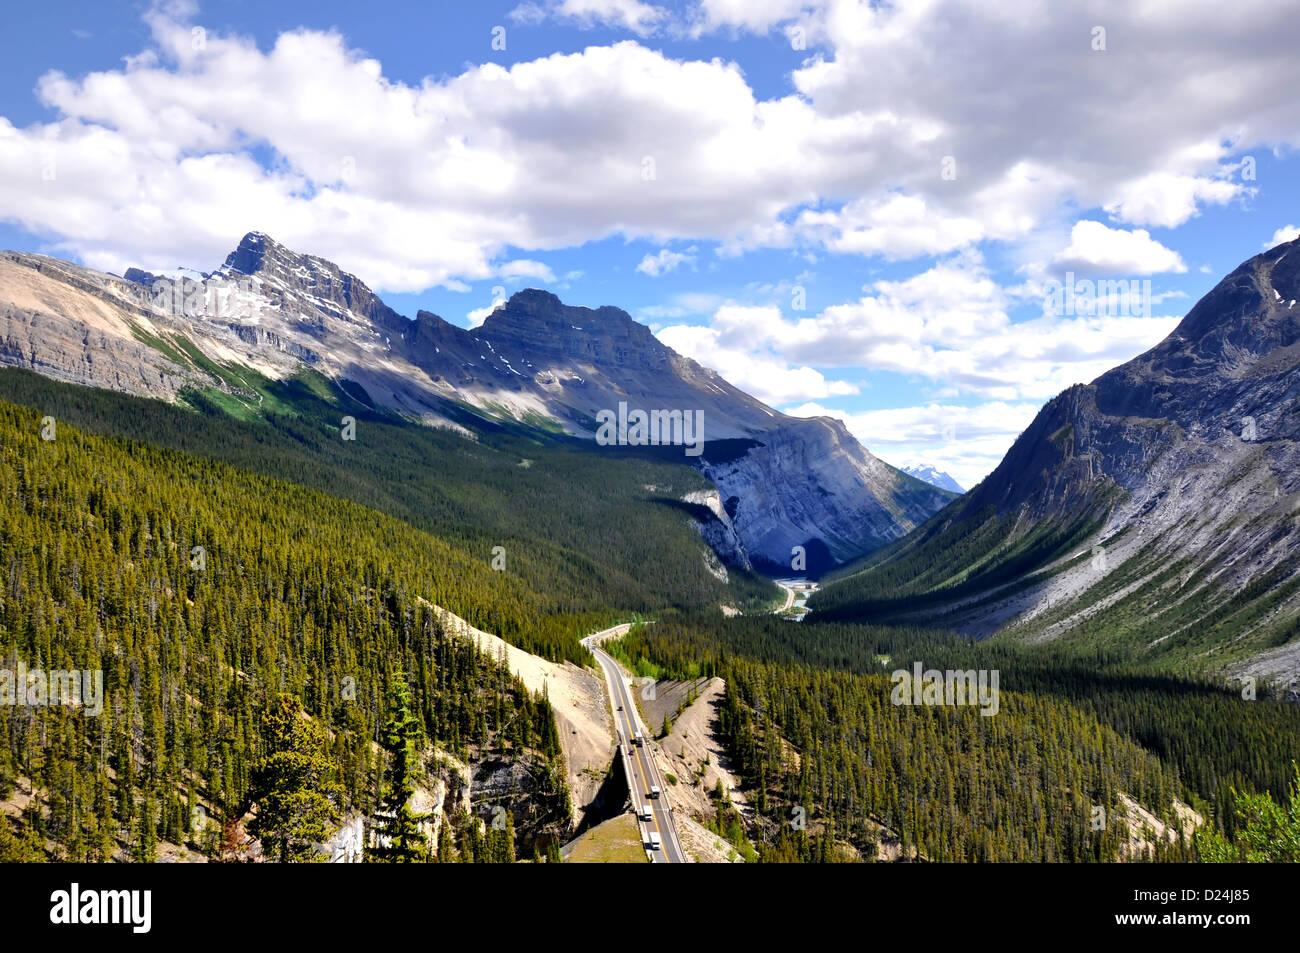 Panorama der Icefields Parkway zwischen den kanadischen Rocky Mountains Stockbild